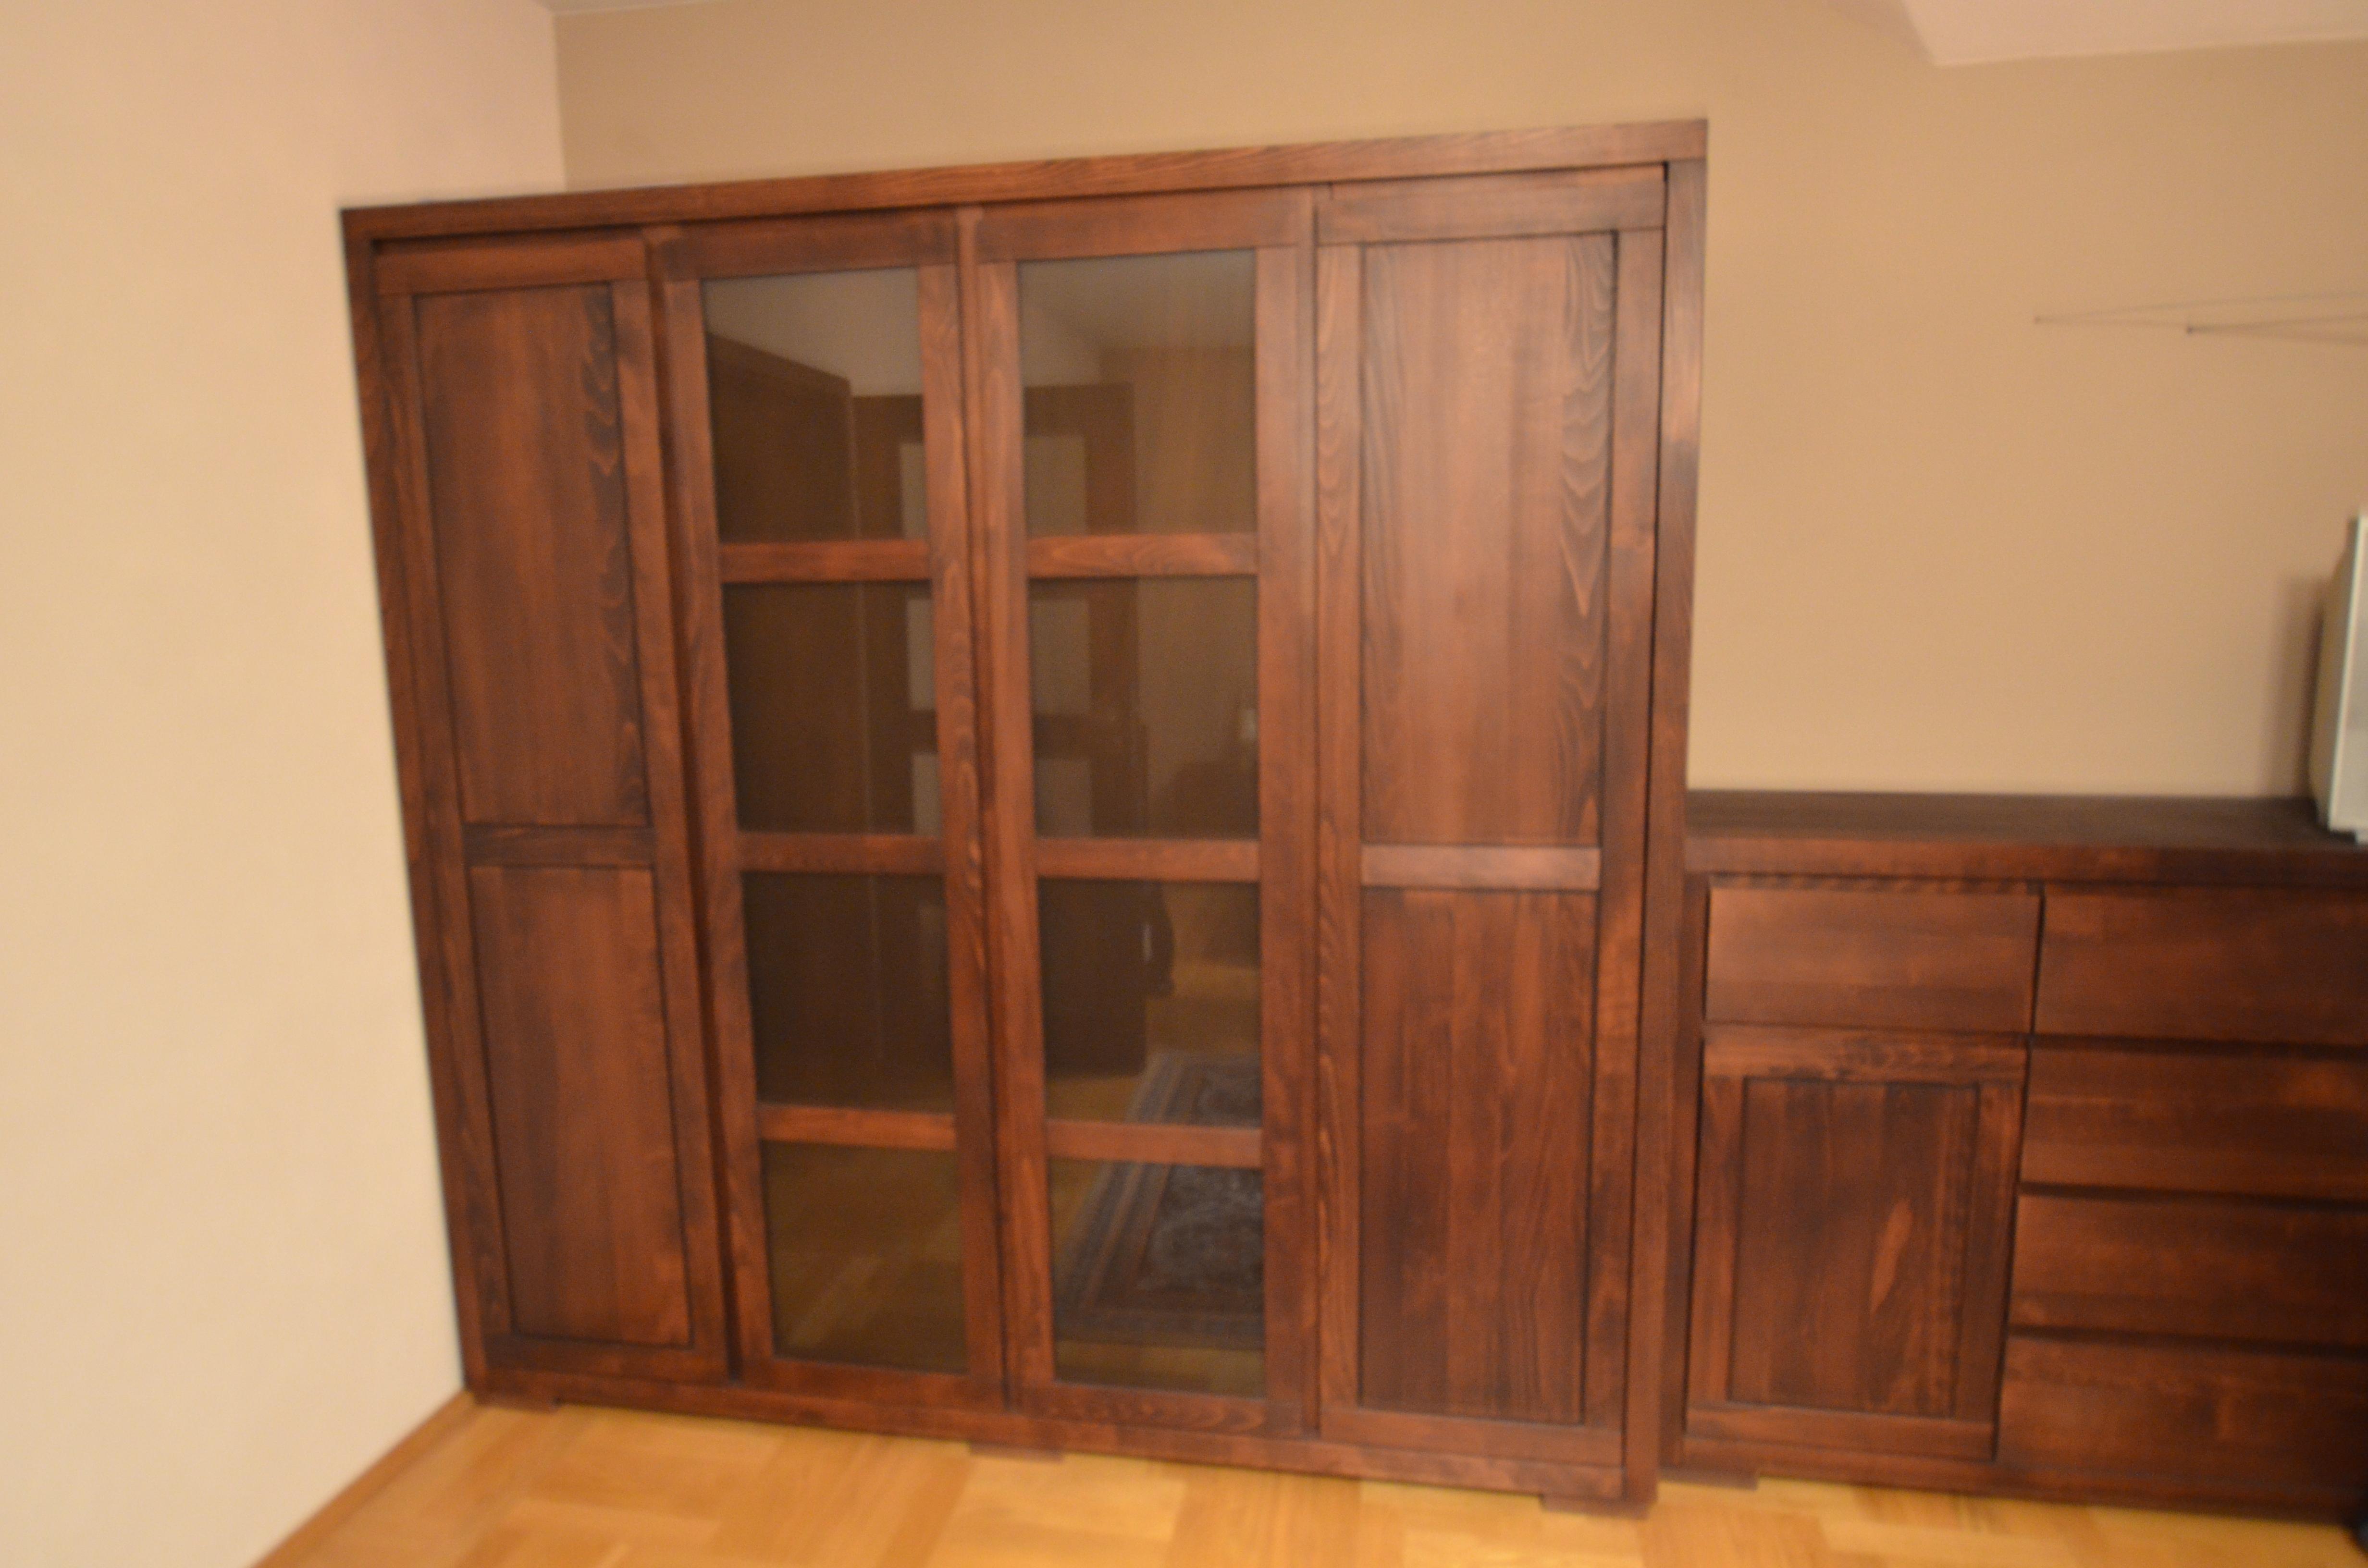 Szafa w sypialni czterodrzwiowa drewno bukowe kolor La